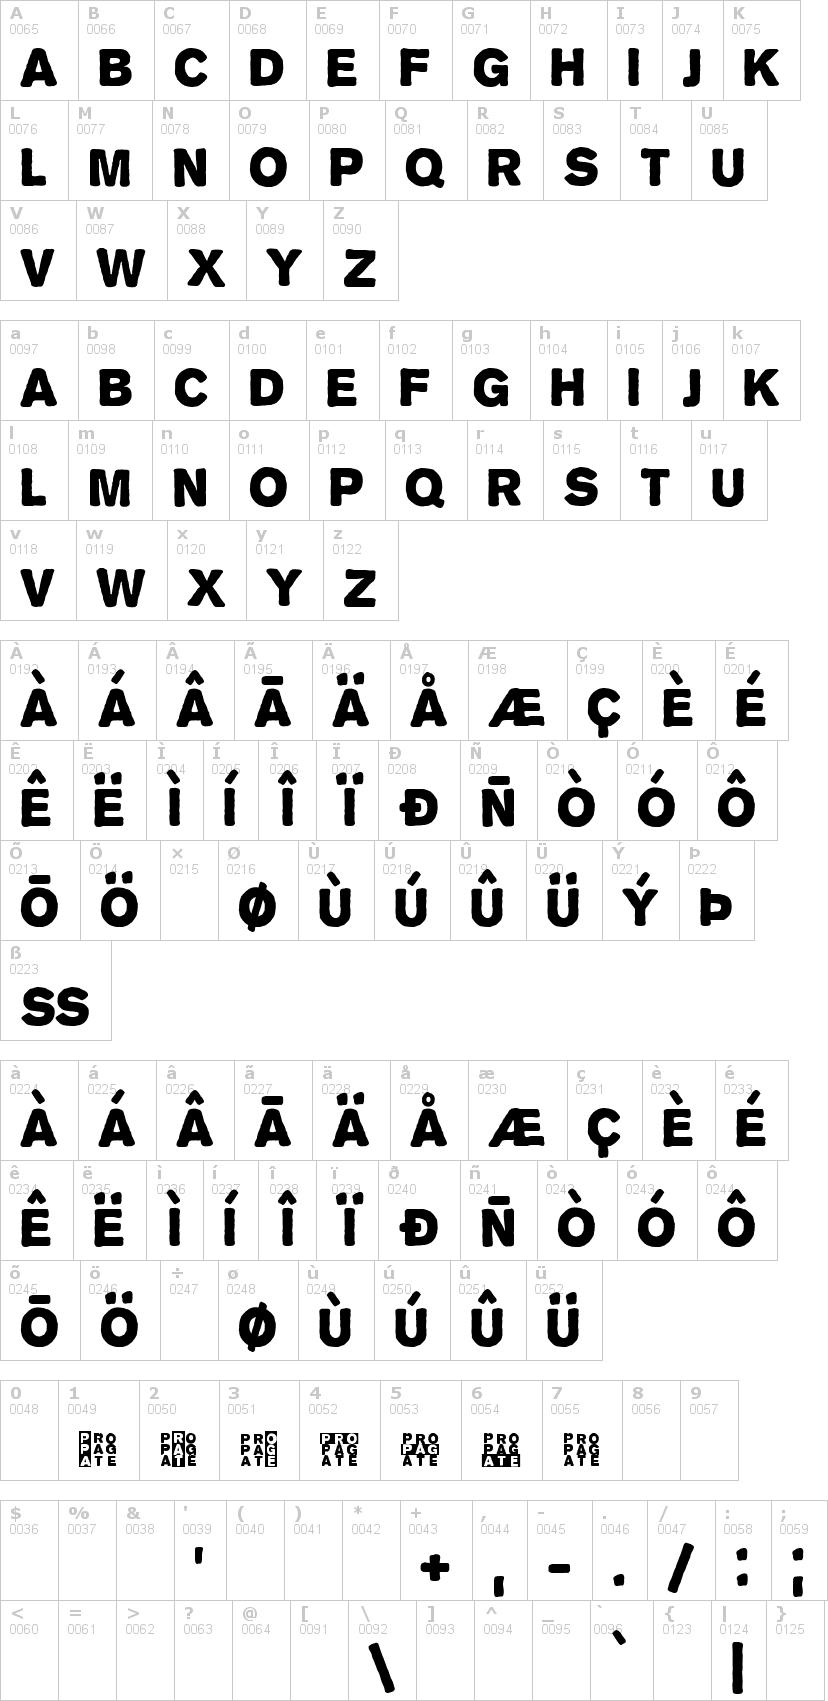 Lettere dell'alfabeto del font propaganda con le quali è possibile realizzare adesivi prespaziati